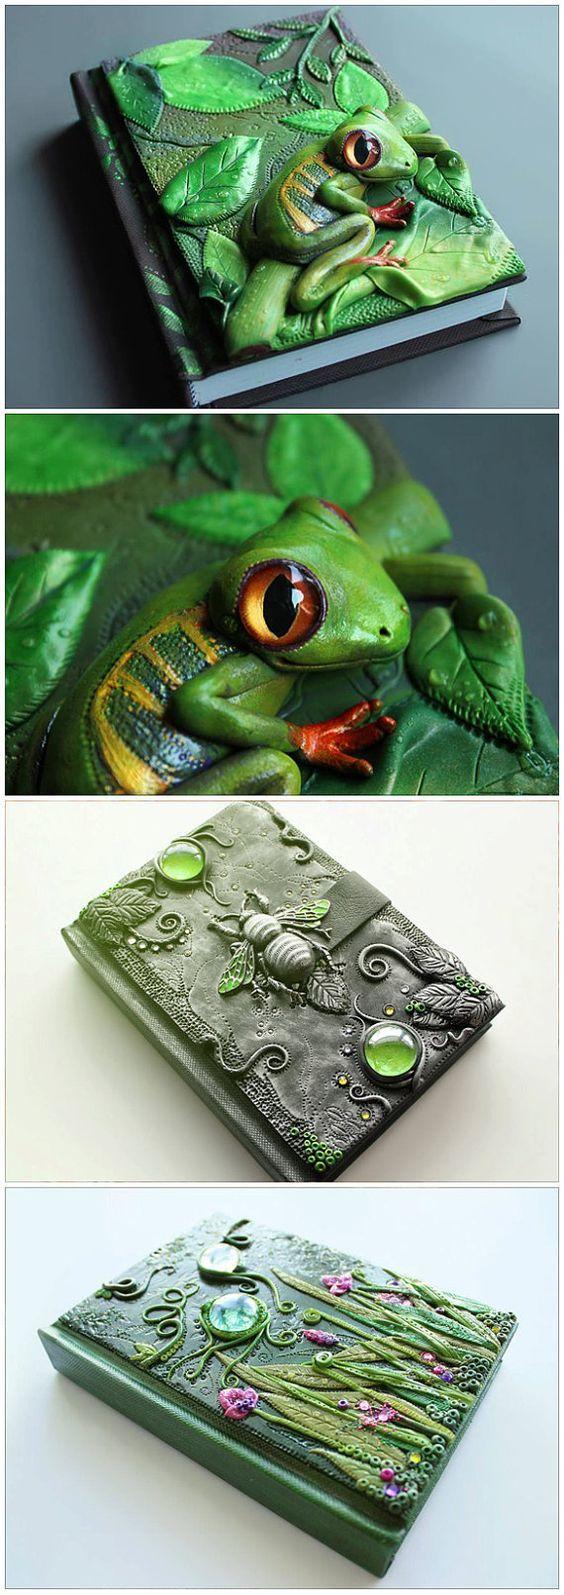 Crie capas exclusivas utilizando polymer clay ou porcelana fria (biscuit). Você pode criar cenas incríveis modelando a mão ou com cortad...